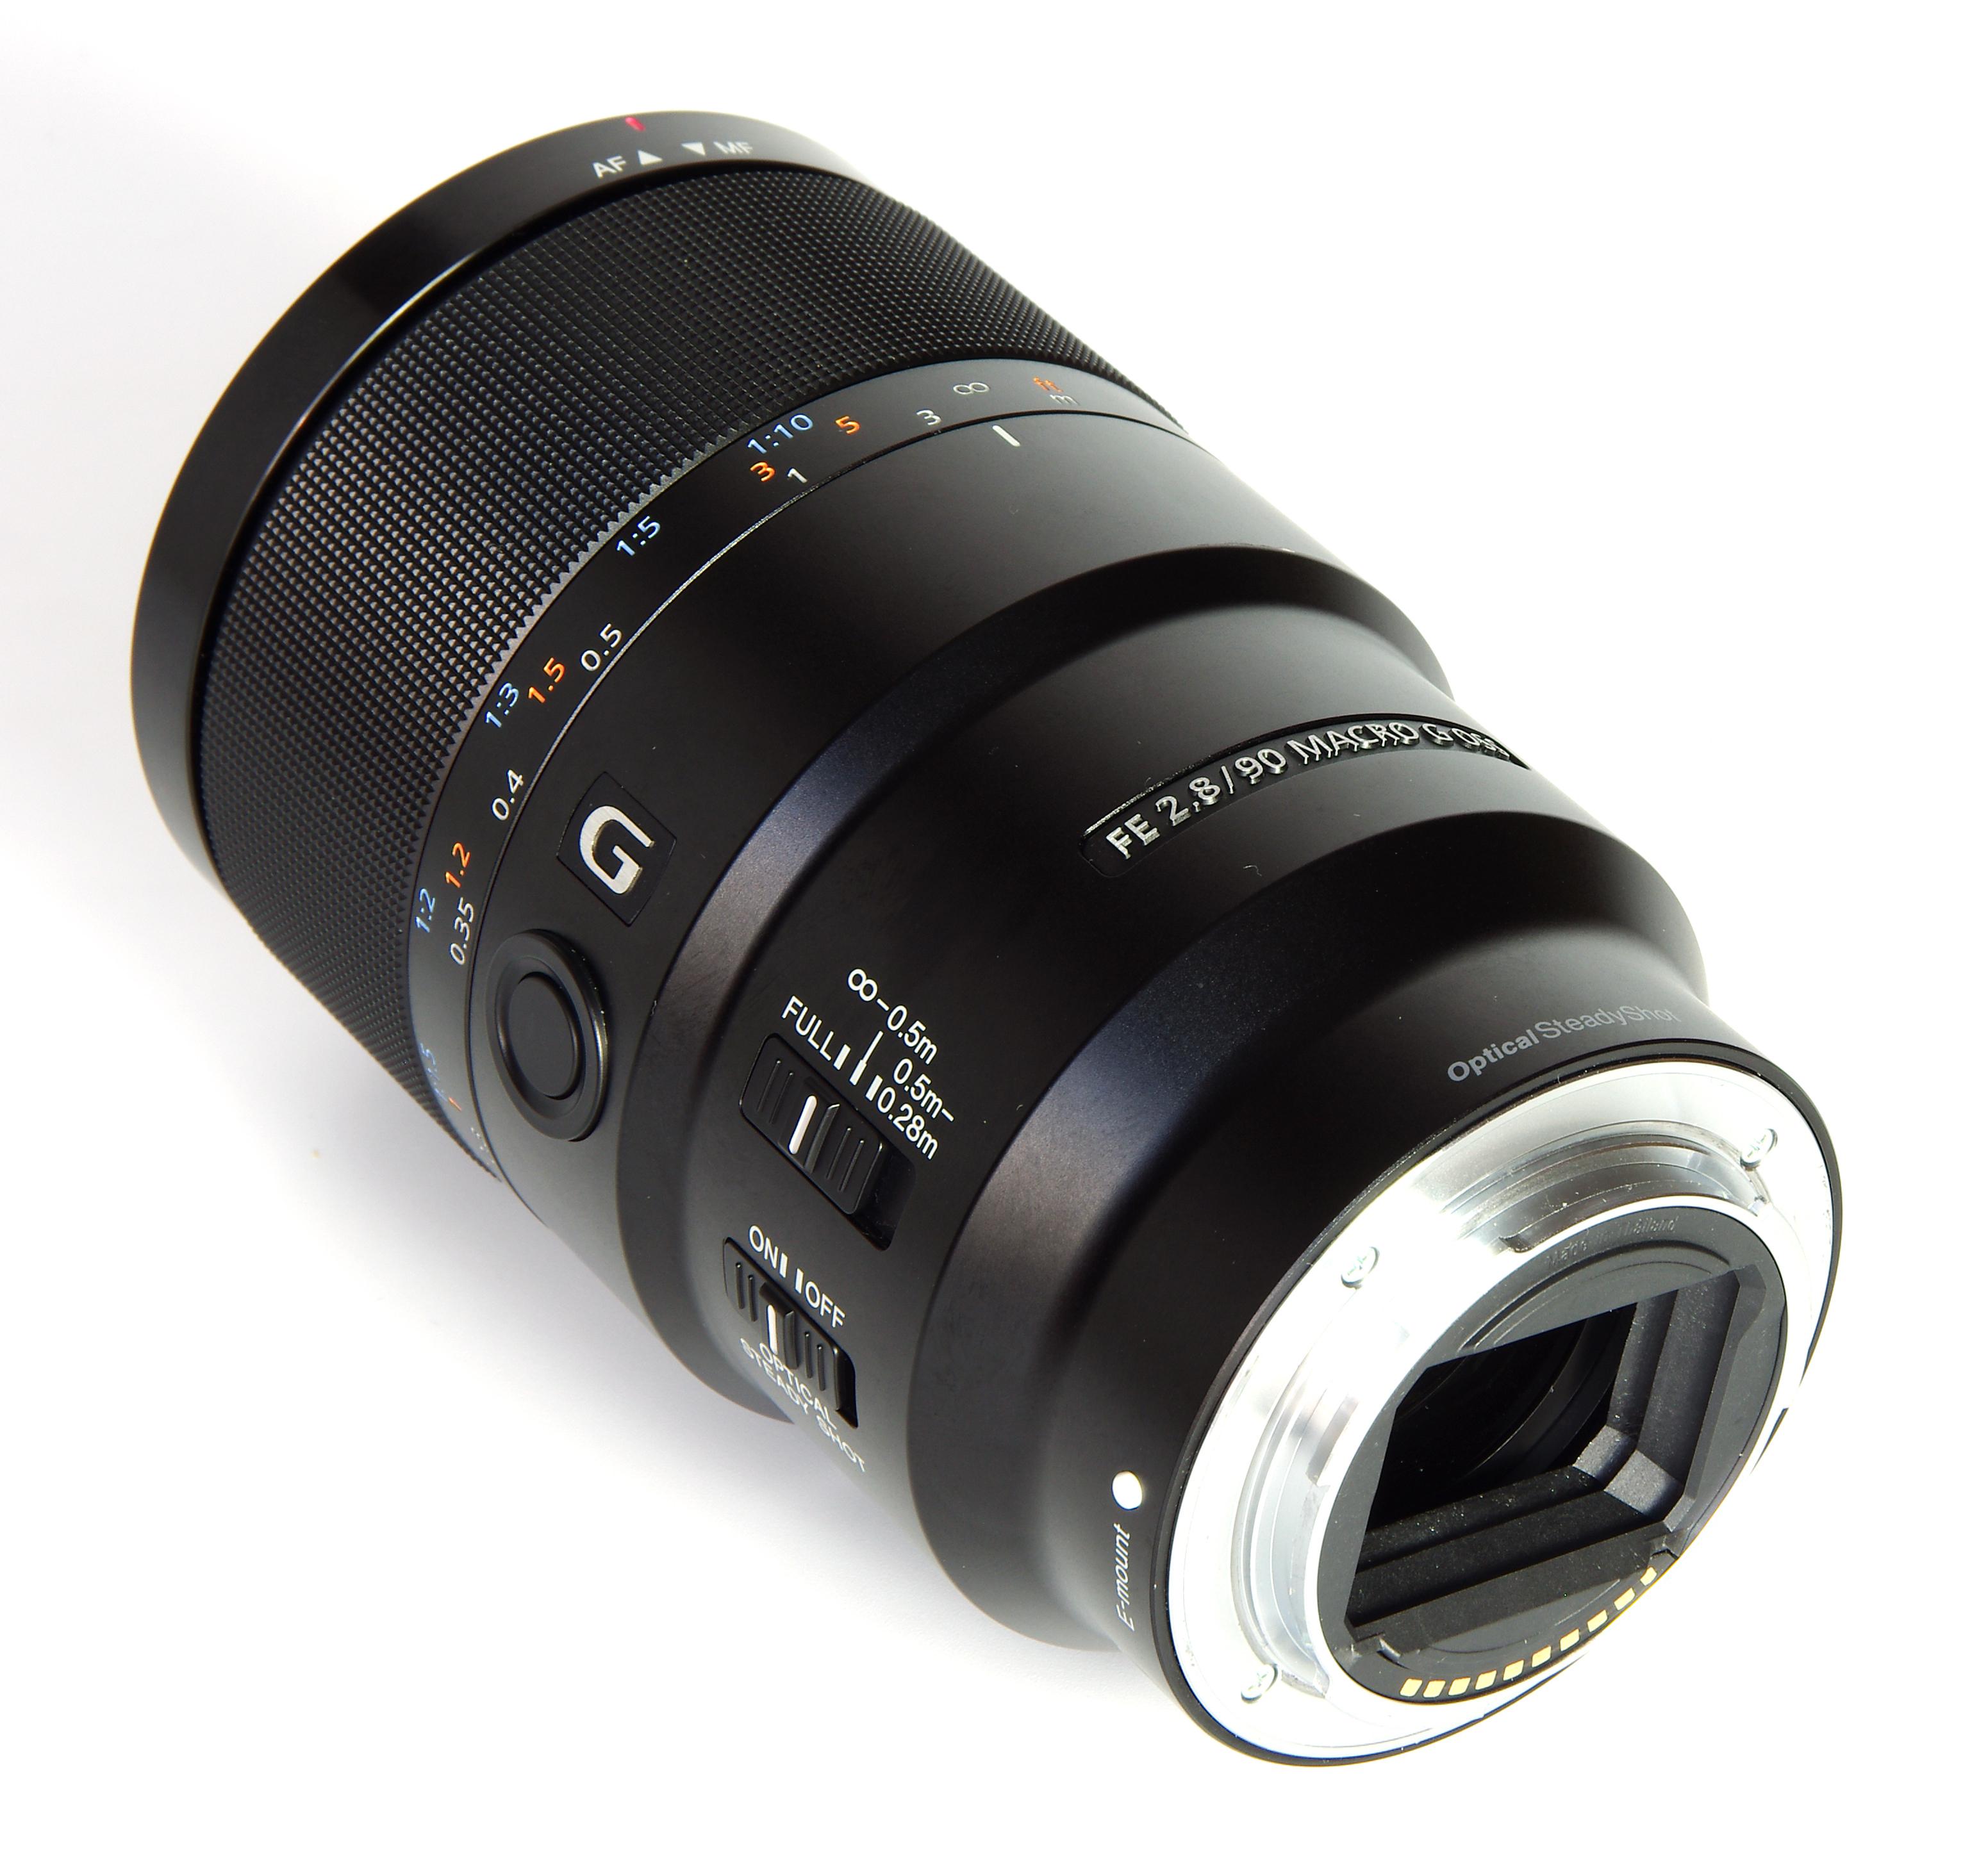 sony 90mm macro. sony 90mm macro rear oblique view 2